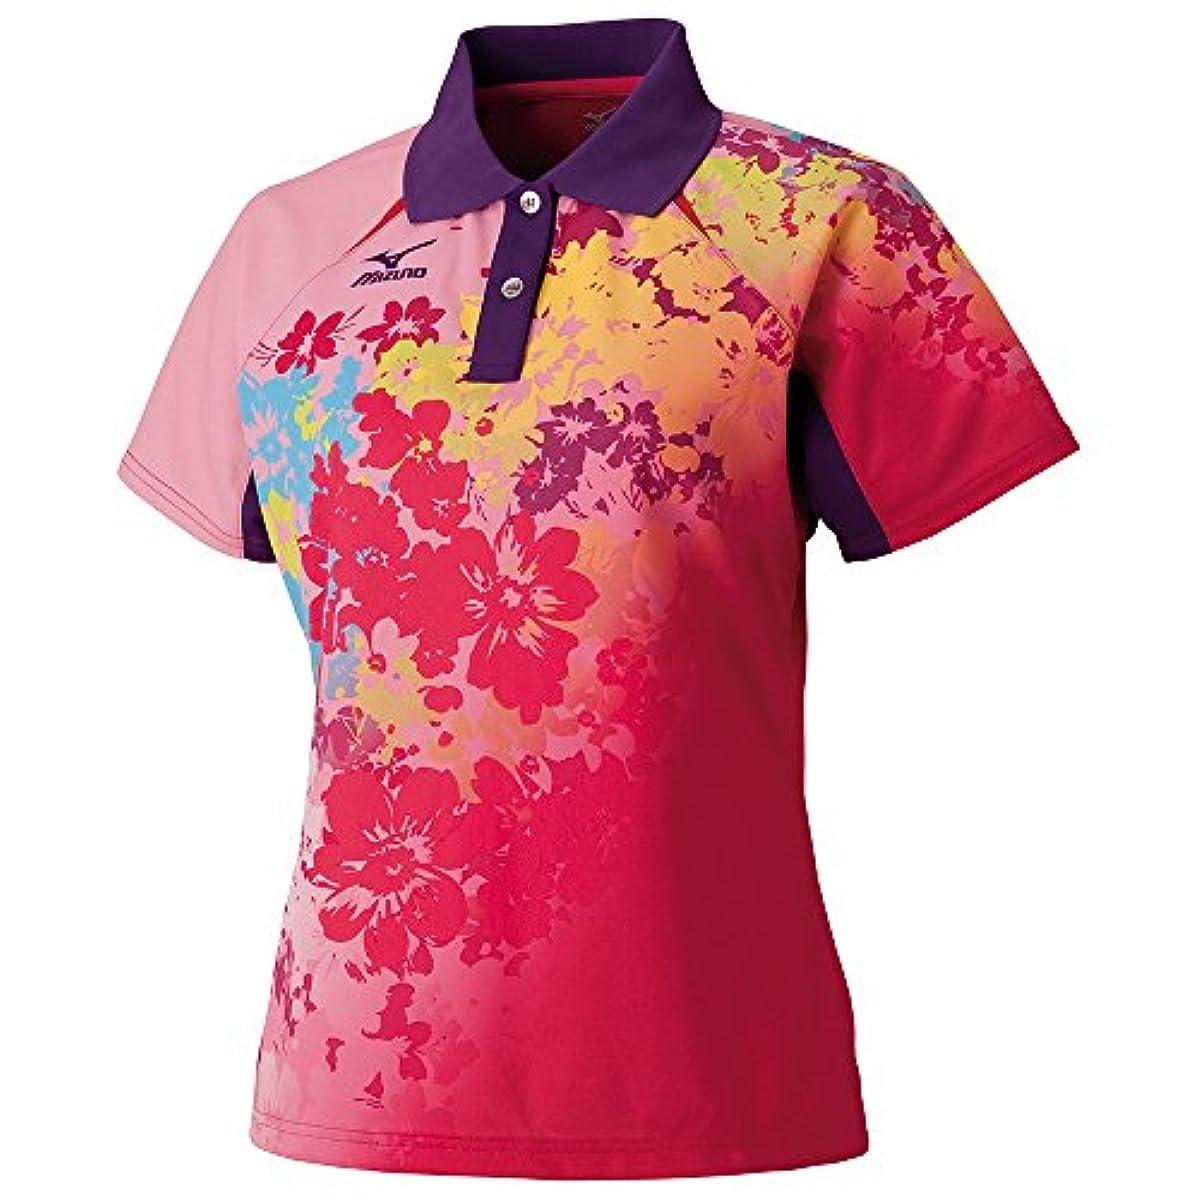 [해외] (미즈노)MIZUNO 탁구 웨어 게임 셔츠 82JA6201[레이디스] (2016-09-01)